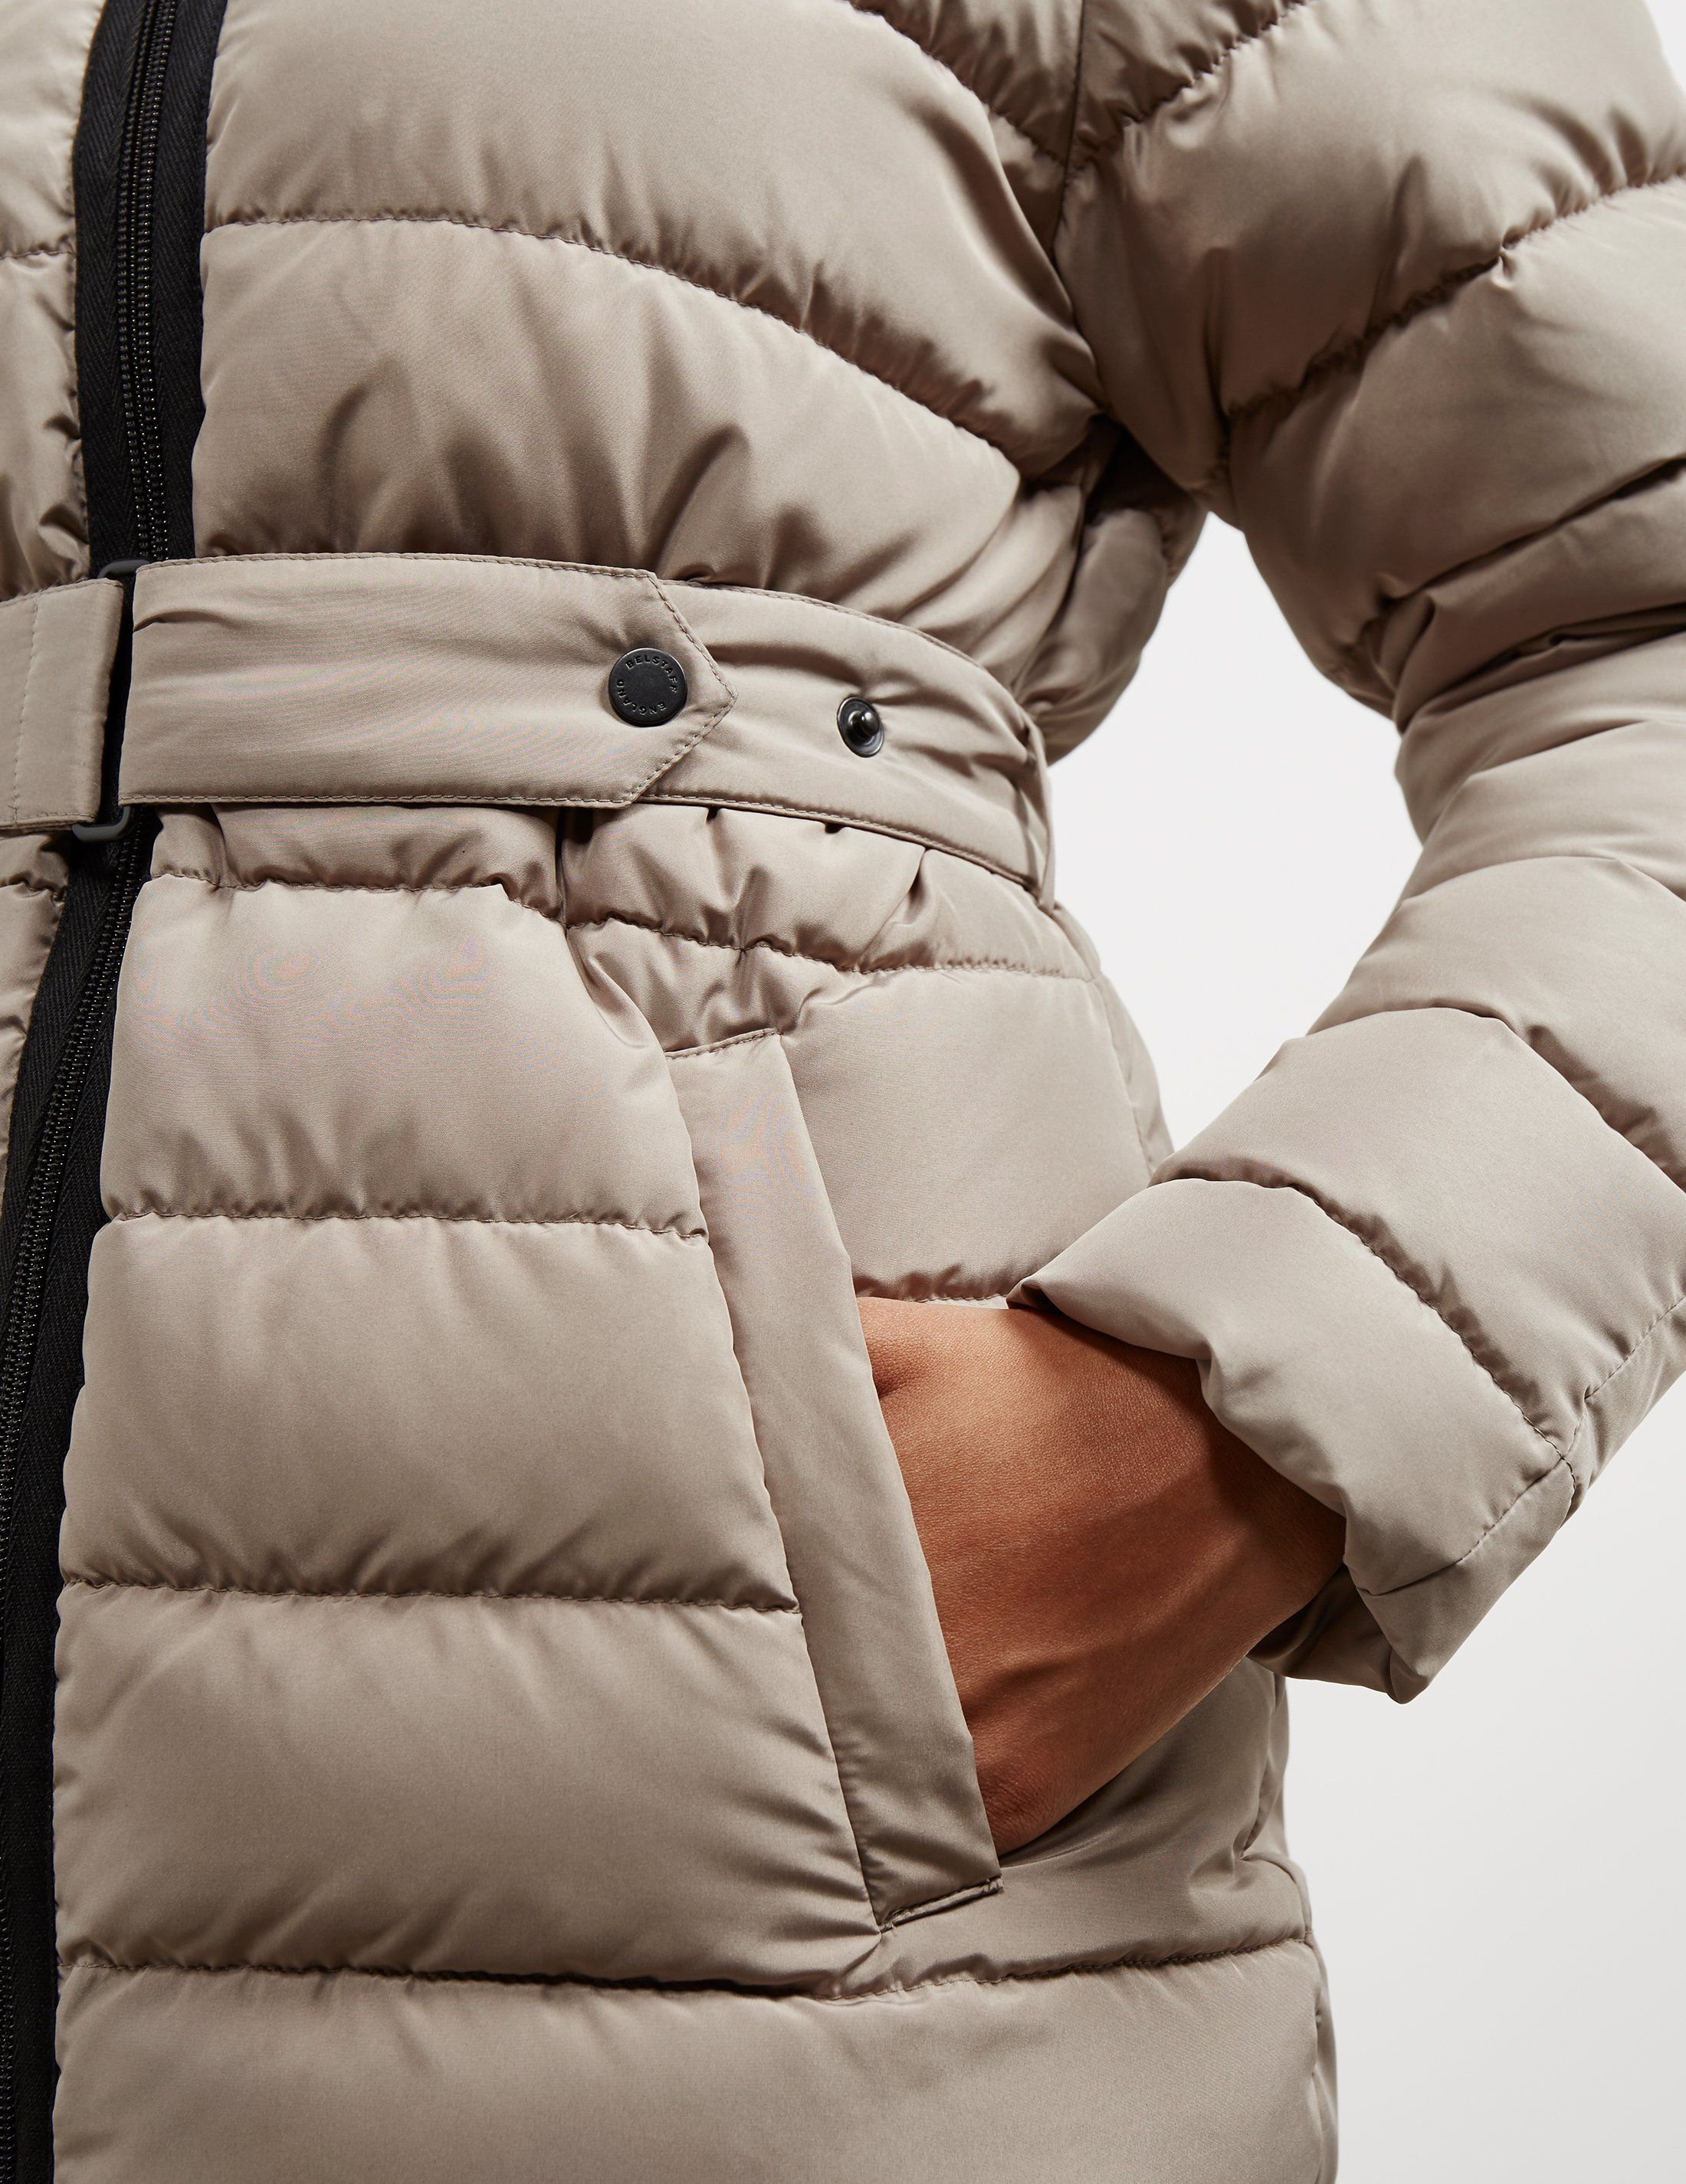 Belstaff Heringham Padded Jacket - Online Exclusive